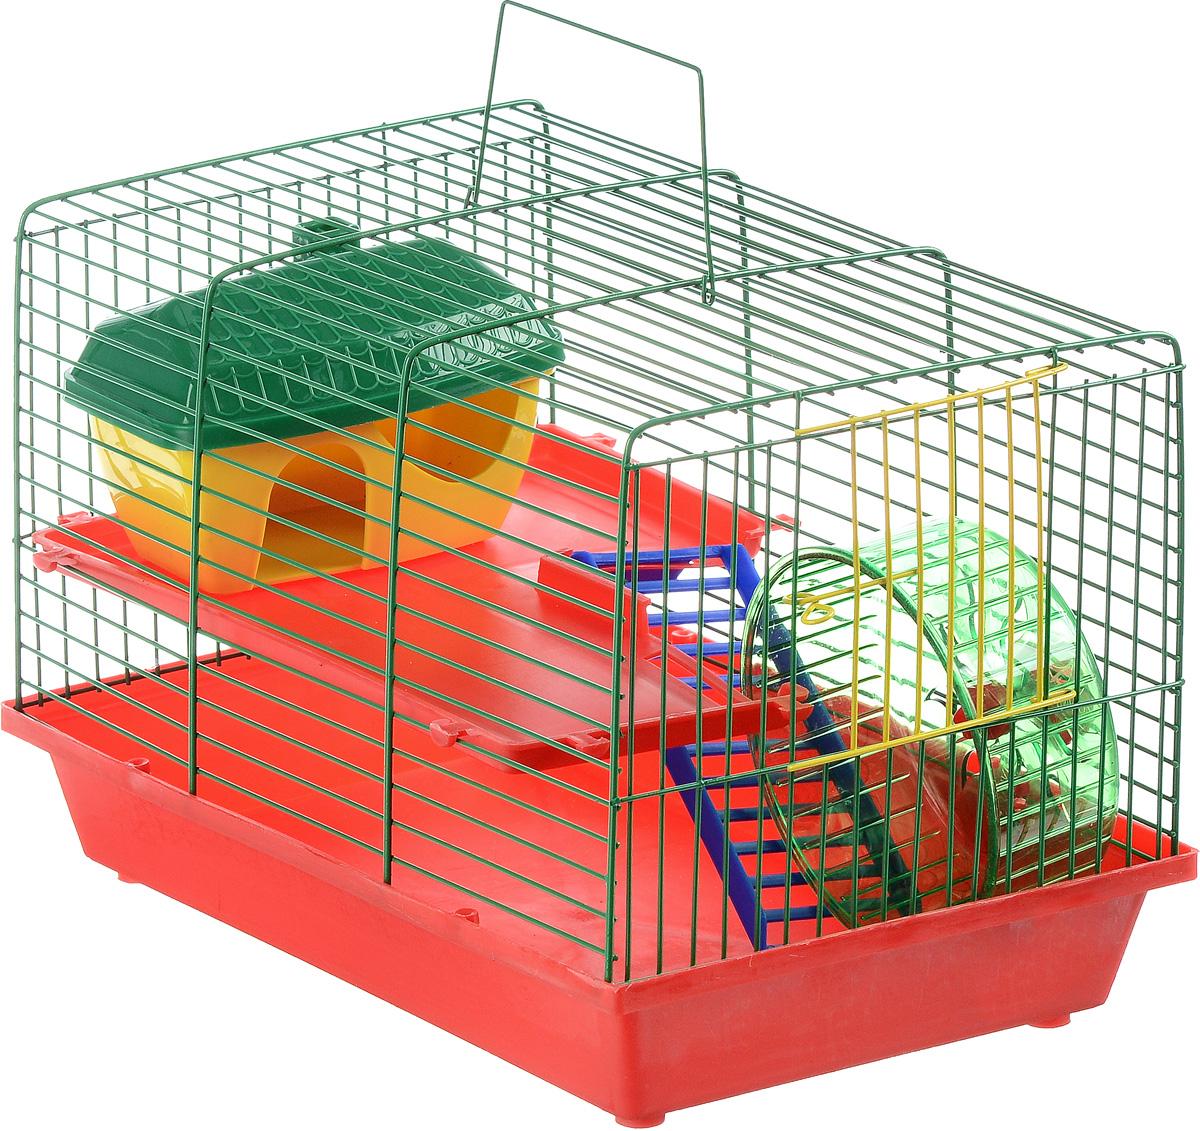 Клетка для грызунов ЗооМарк, 2-этажная, цвет: красный поддон, зеленая решетка, красные этажи, 36 х 23 х 24 см125КЗКлетка ЗооМарк, выполненная из полипропилена и металла, подходит для мелких грызунов. Изделие двухэтажное, оборудовано лестницей, колесом для подвижных игр и пластиковым домиком. Клетка имеет яркий поддон, удобна в использовании и легко чистится. Сверху имеется ручка для переноски. Такая клетка станет уединенным личным пространством и уютным домиком для маленького грызуна.